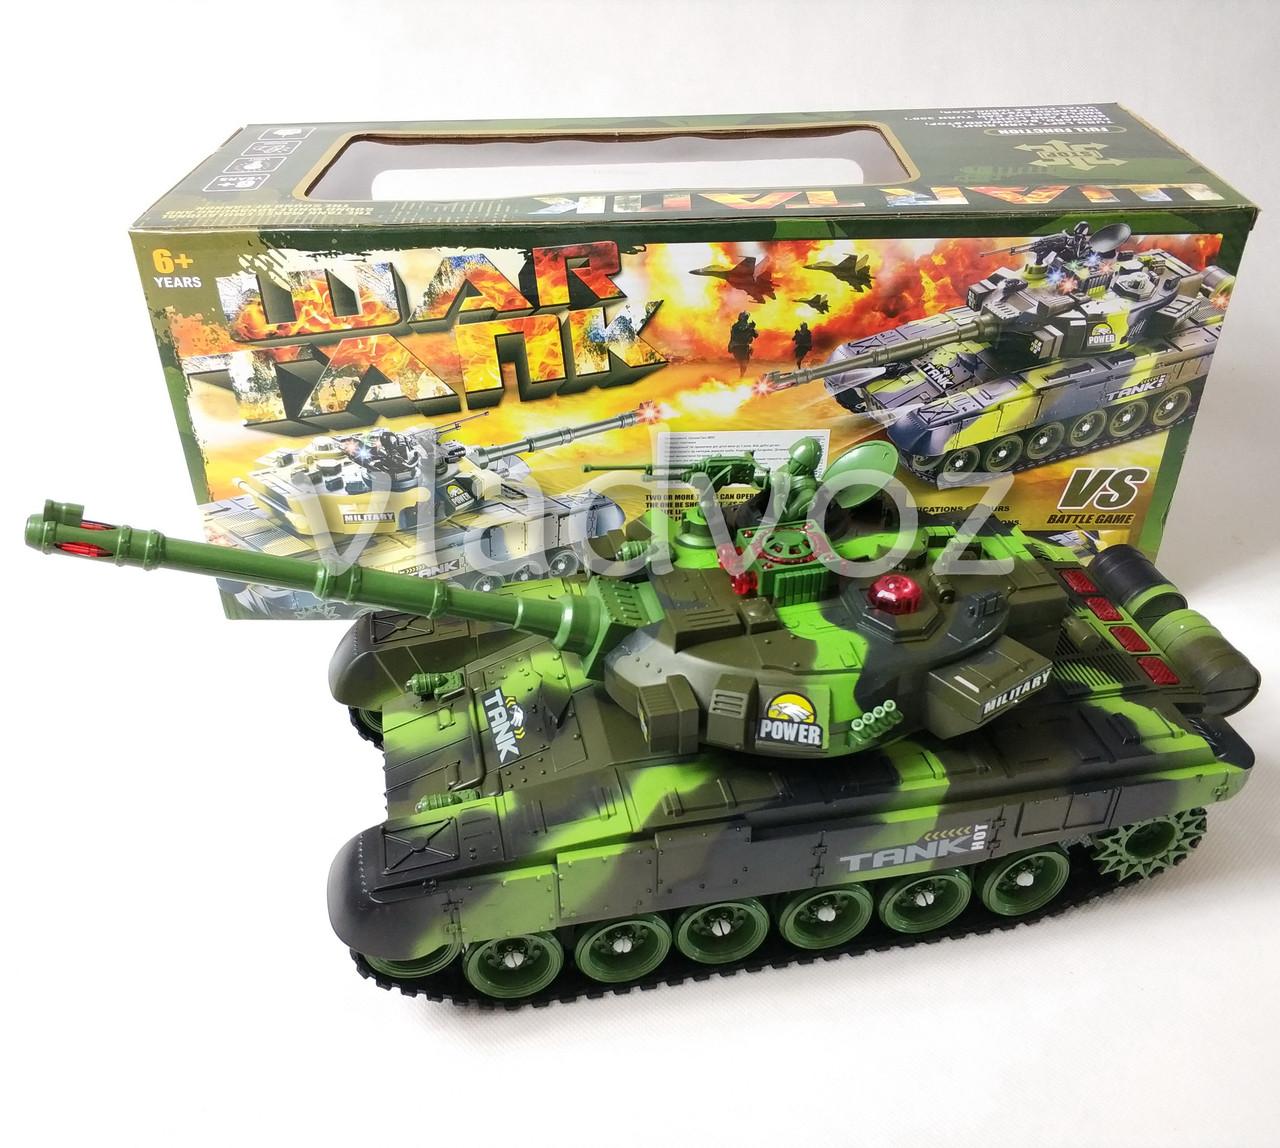 танк на управлении фото с коробкой с переди зелёного цвета